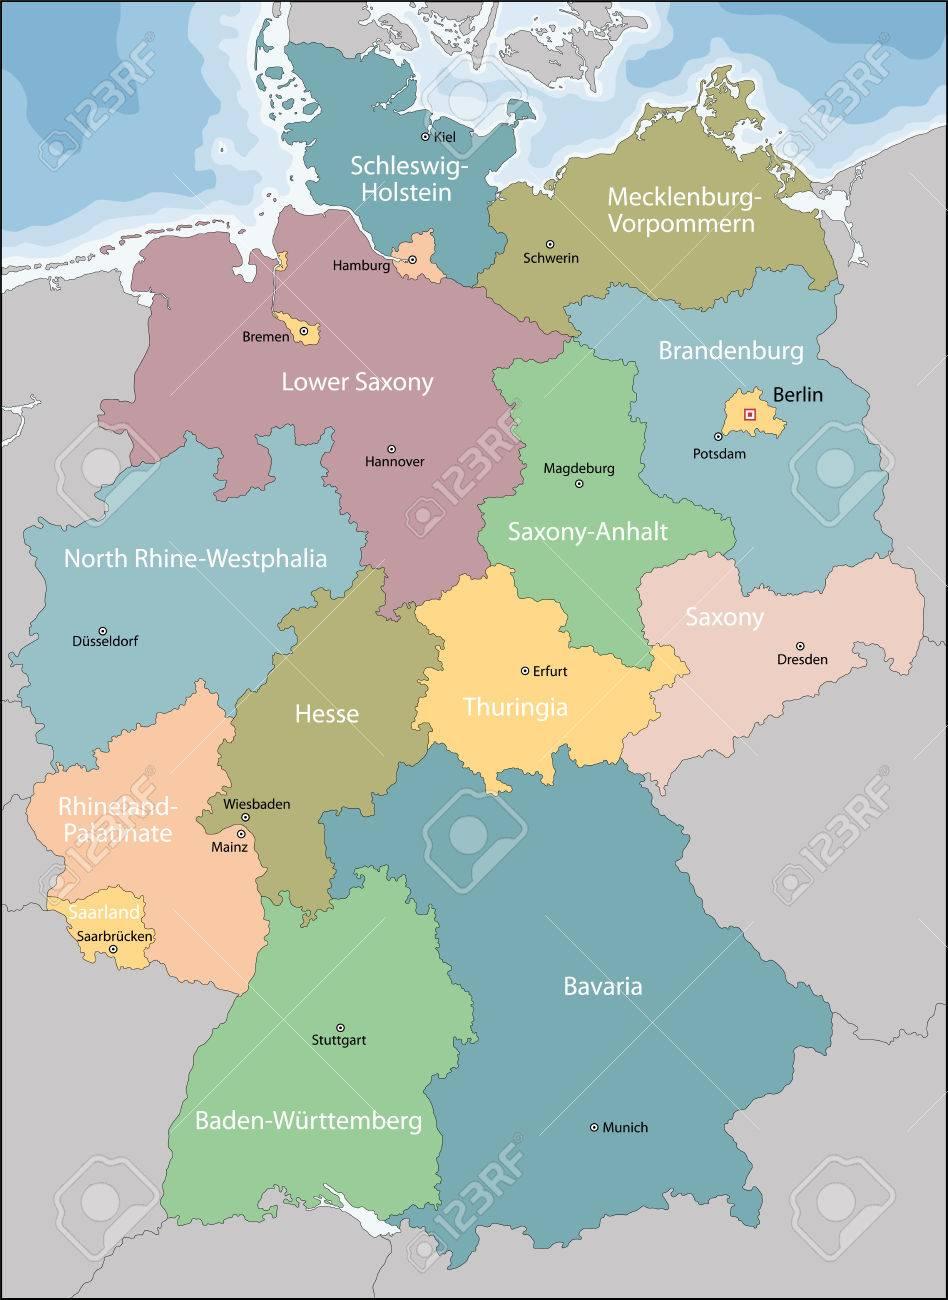 Regioni Germania Cartina.Vettoriale Germania Mappa Con Le Regioni E Le Principali Citta Image 60536821